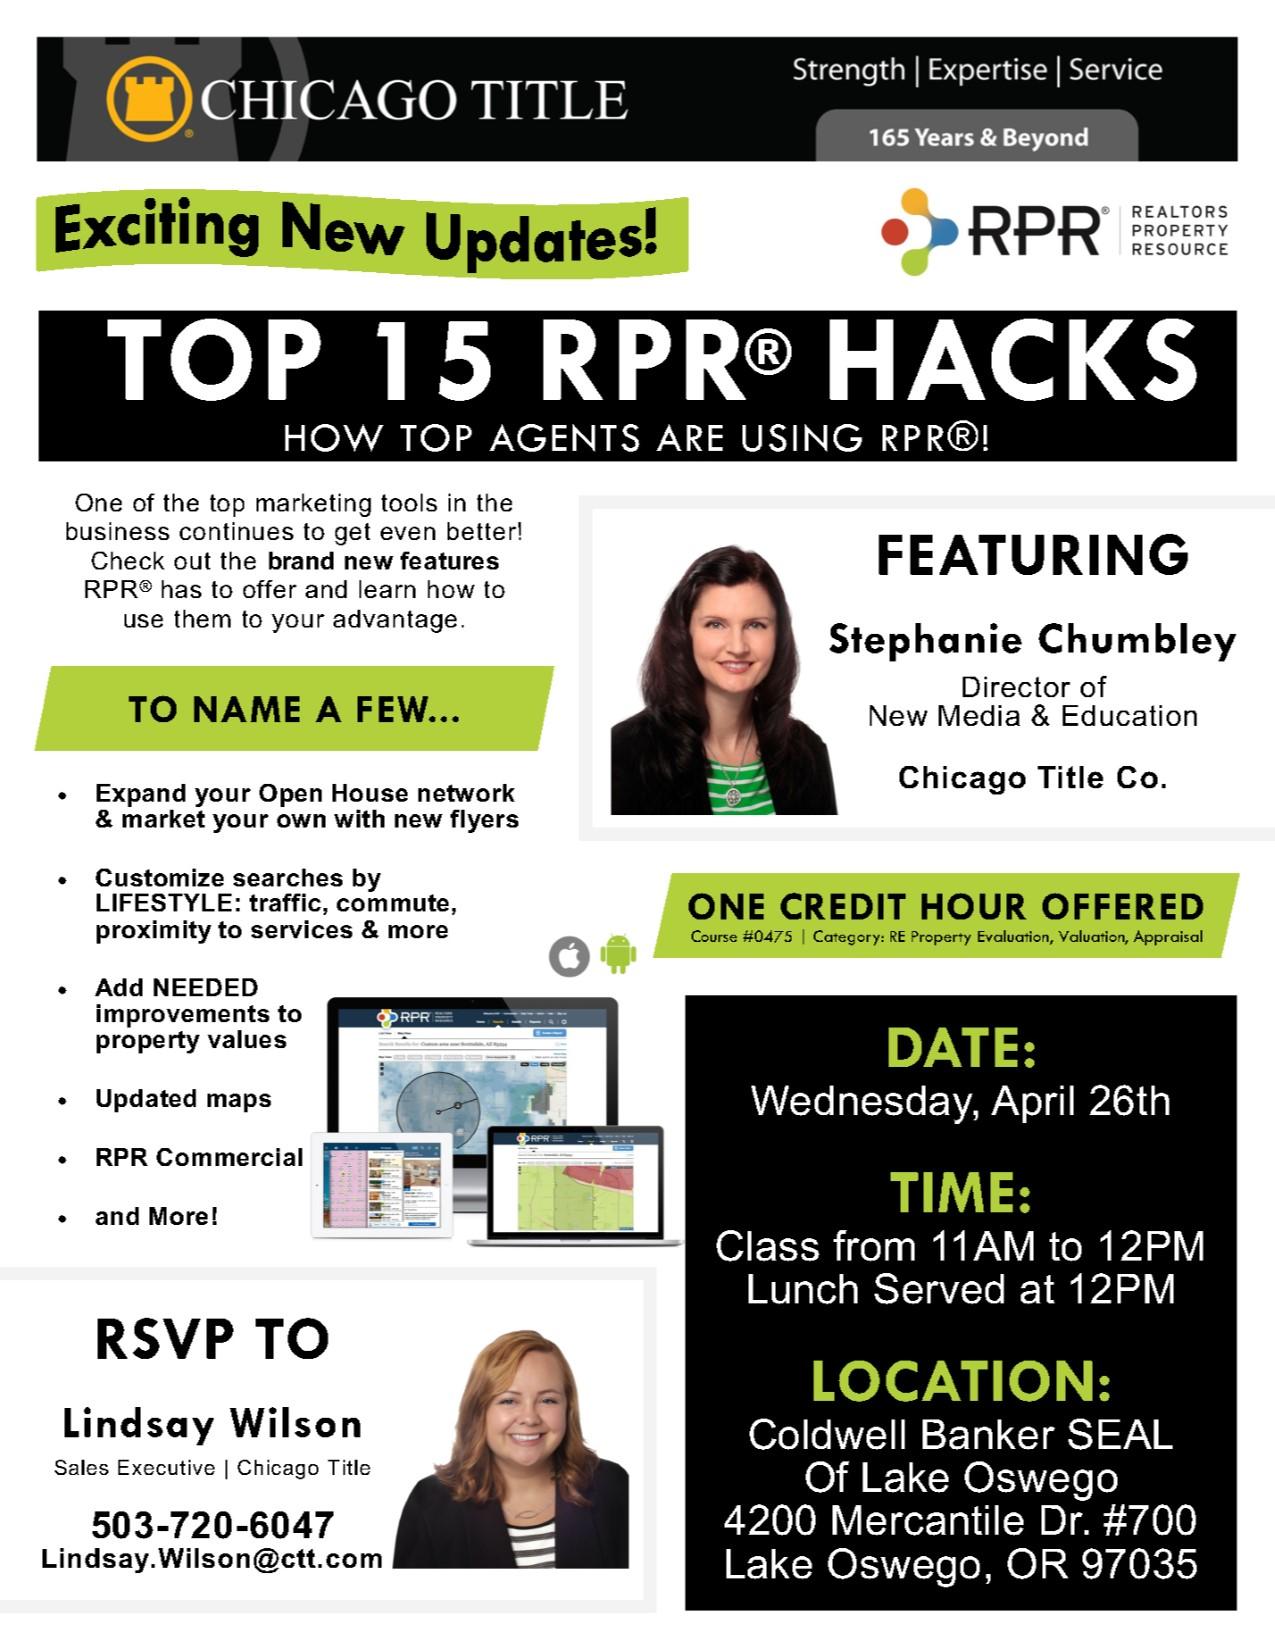 RPR_Hacks_Lake_Oswego_April_26th